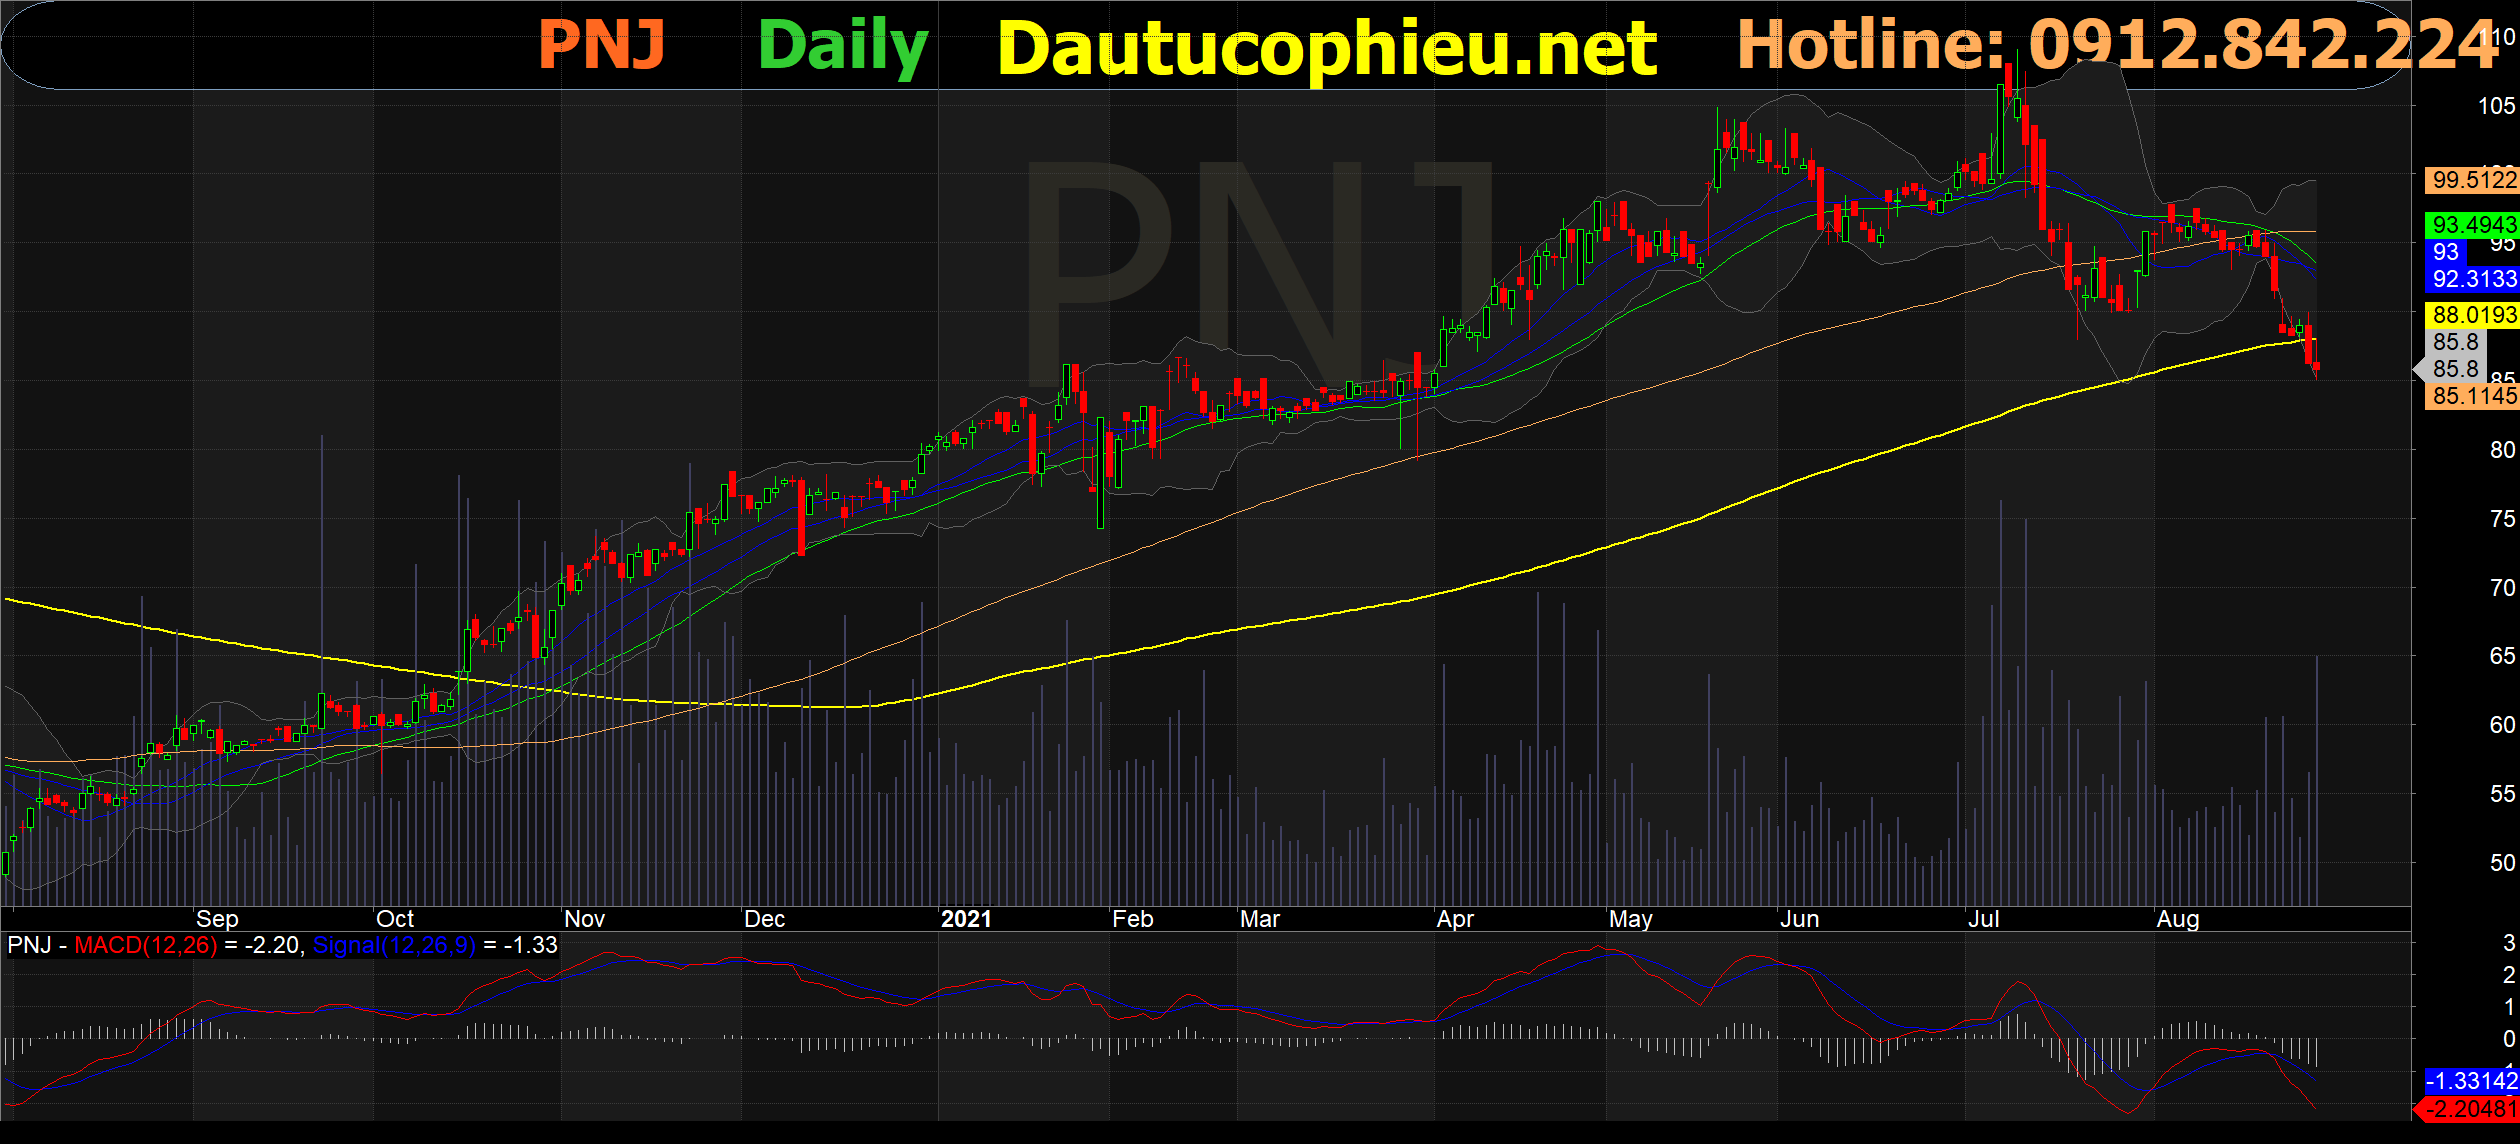 Cập nhật cổ phiếu PNJ – Khó khăn trong ngắn hạn triển vọng dài hạn tươi sáng